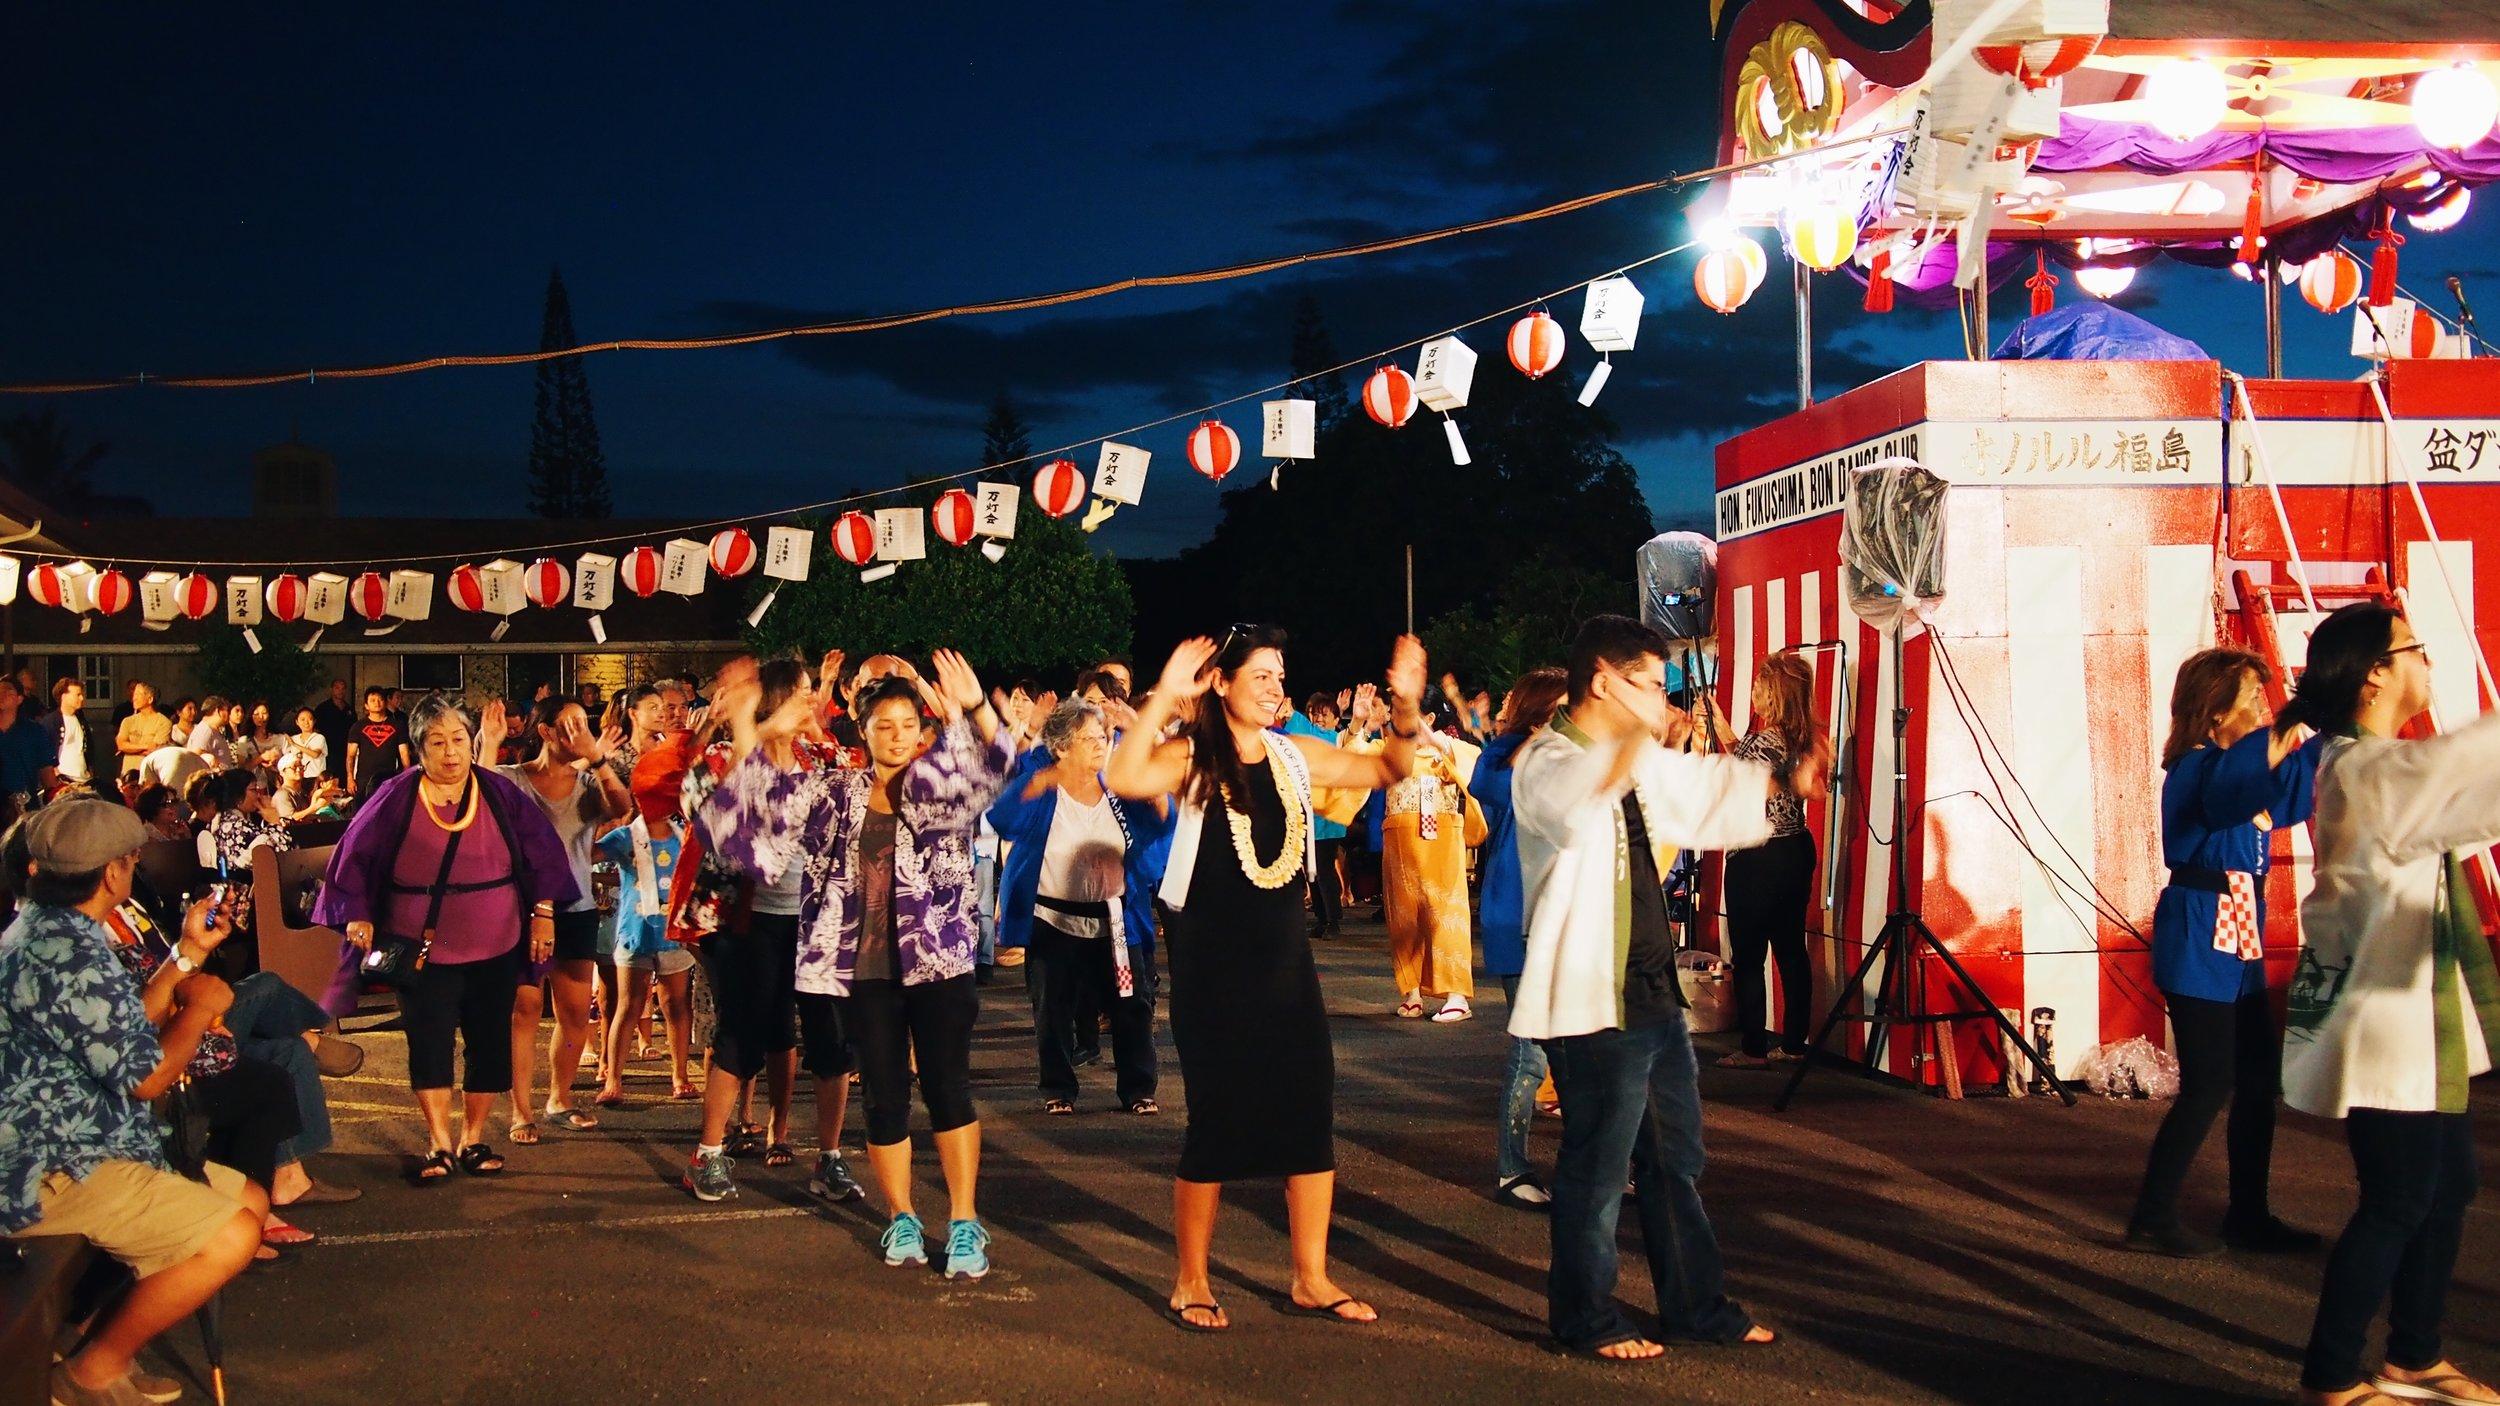 A bon dance in Honolulu